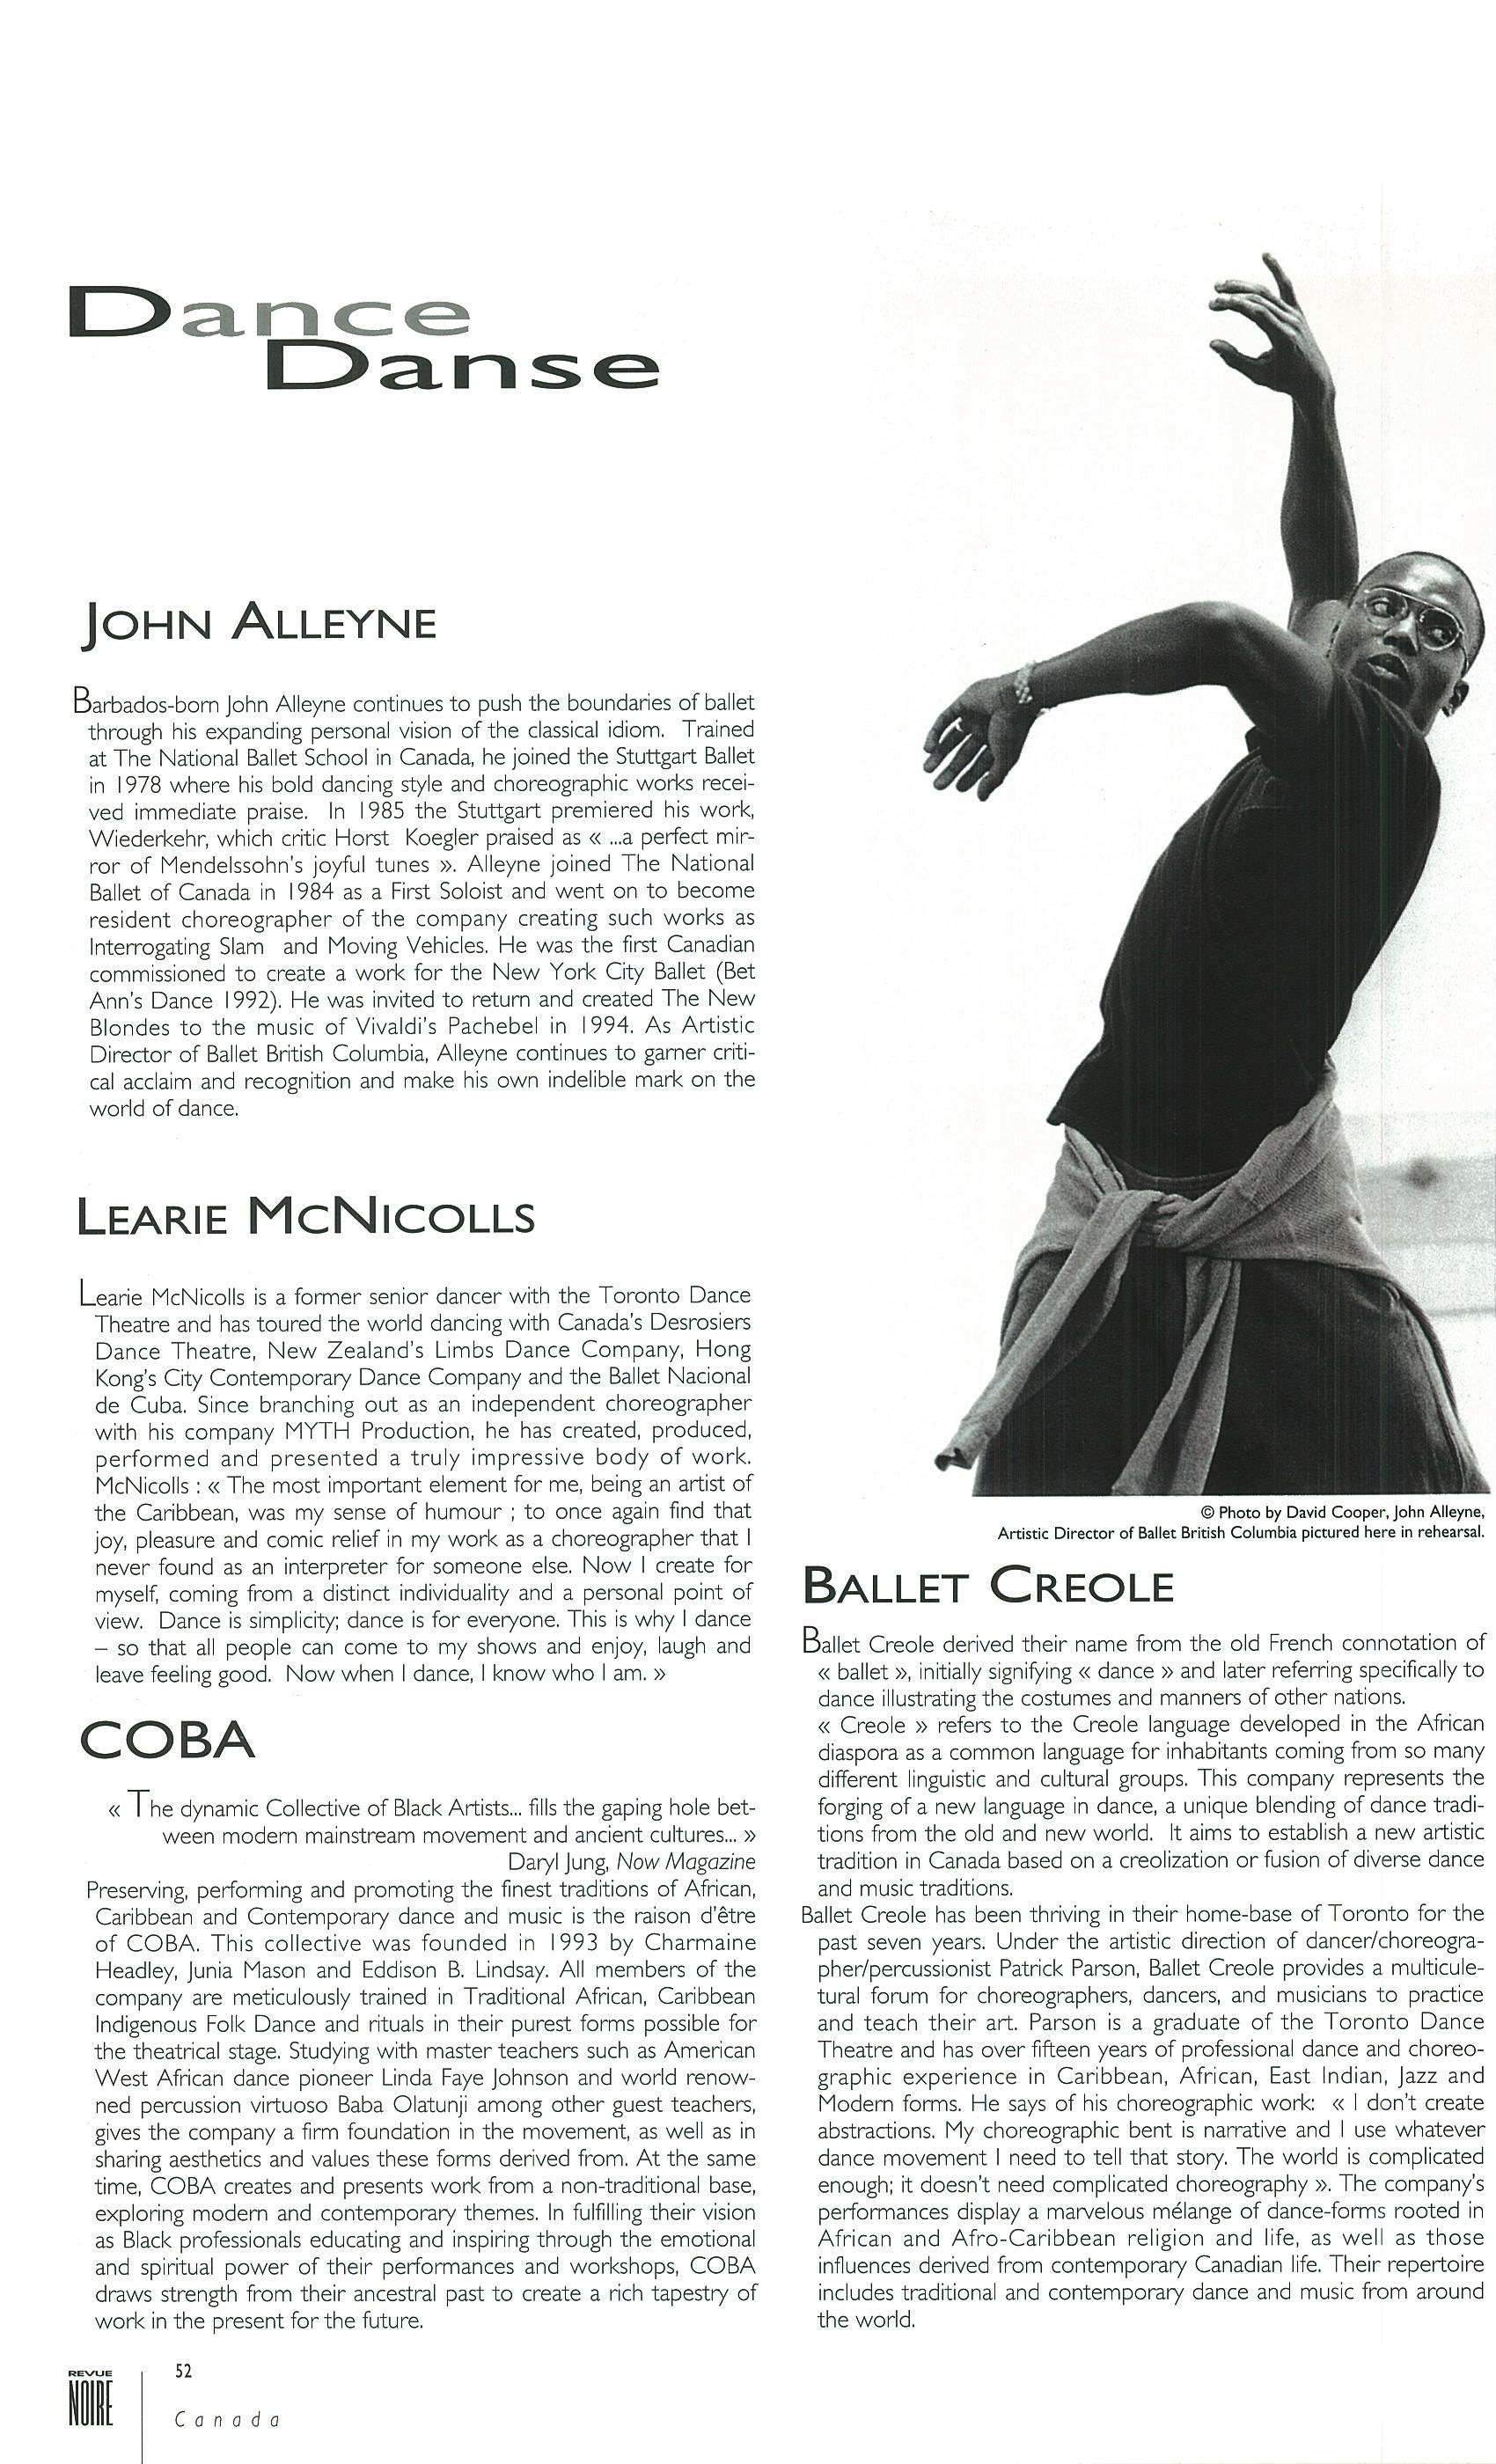 2. Revue Noire book_Page_054